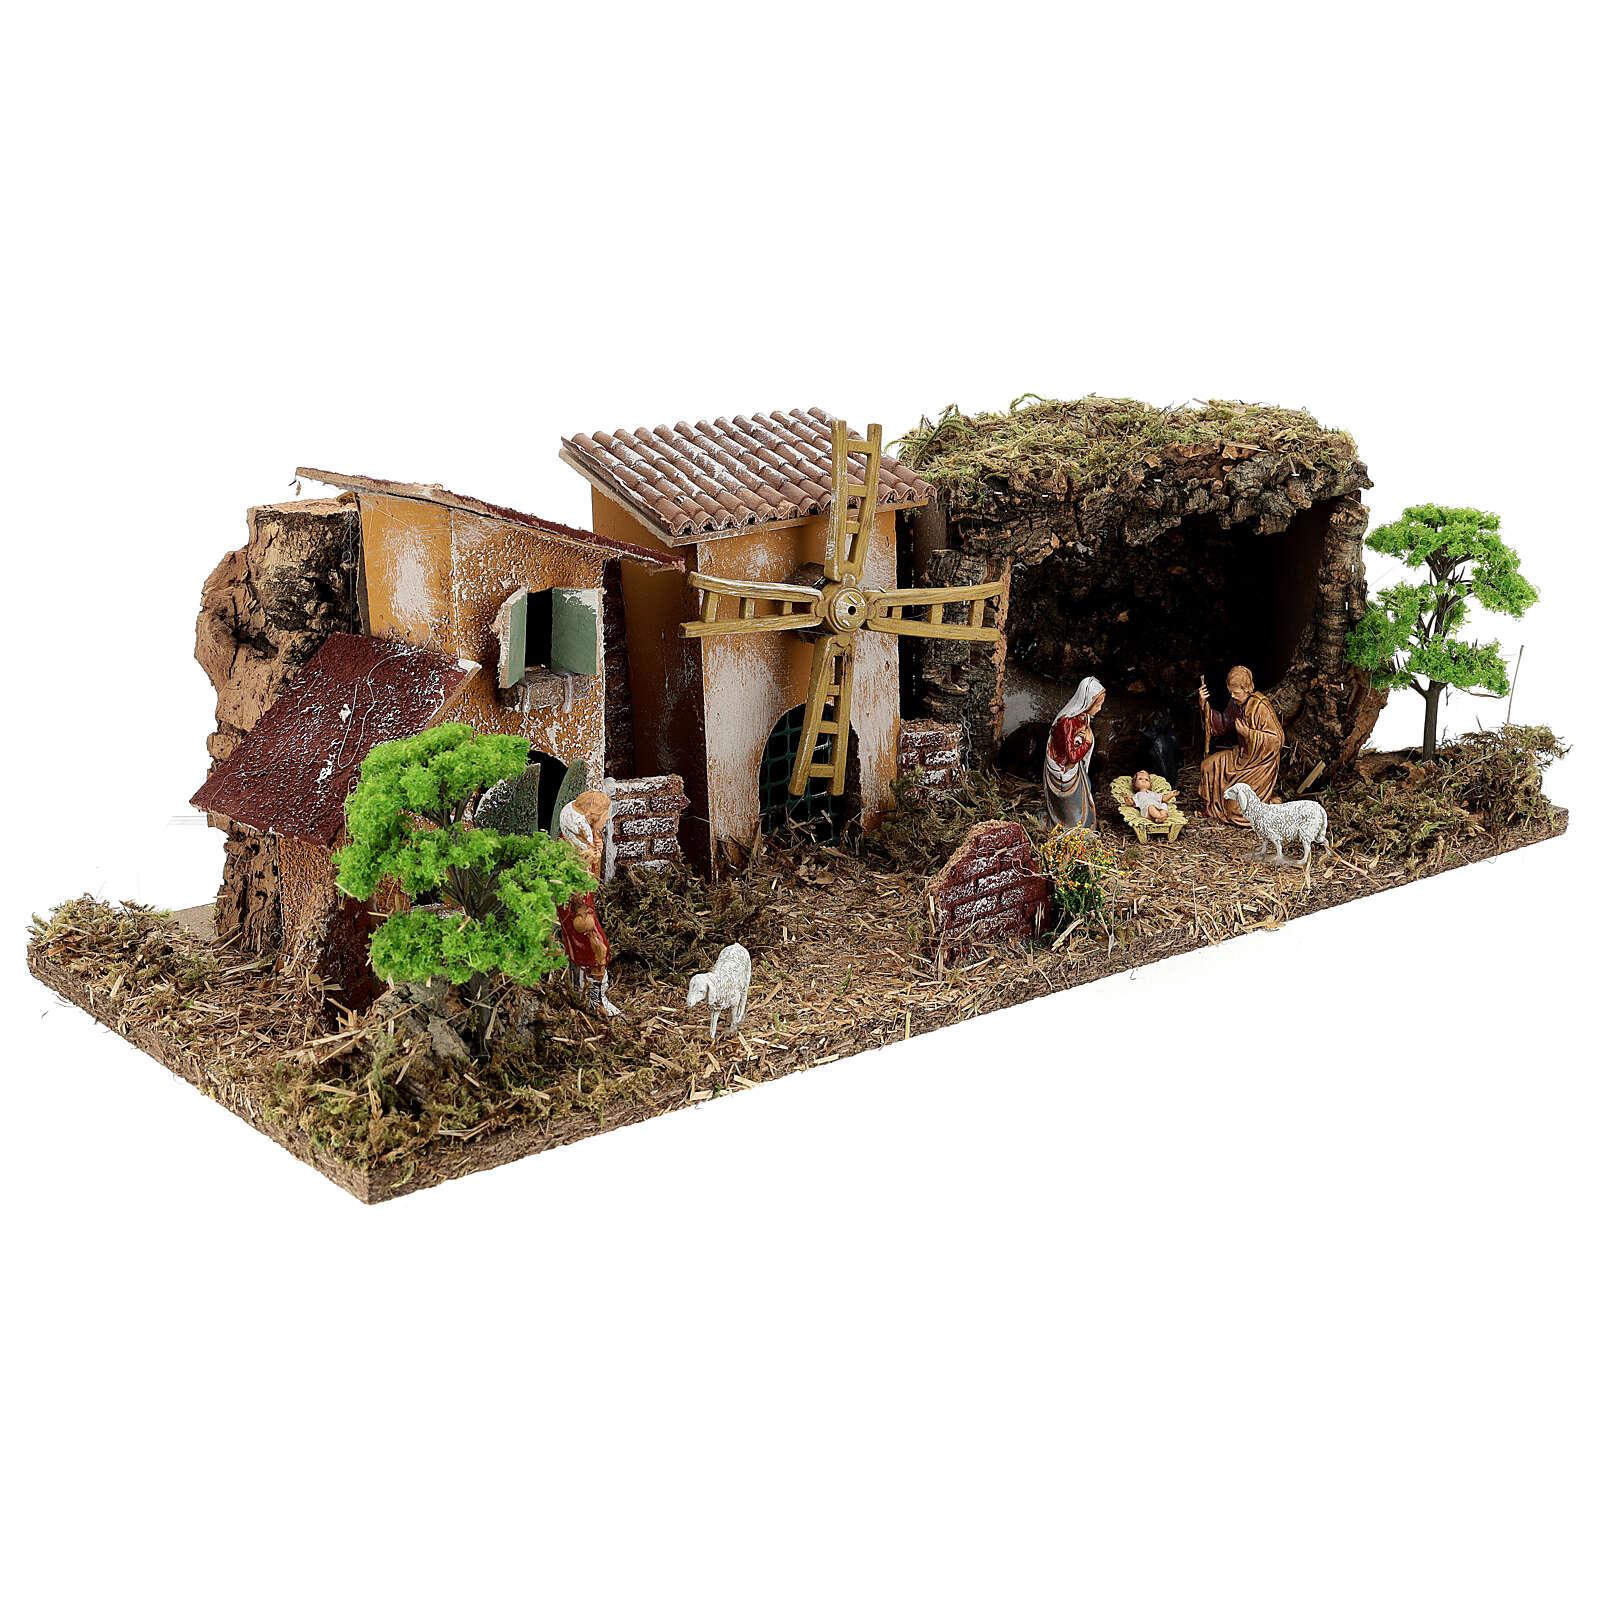 Village avec Nativité gamme Moranduzzo crèche 8-10 cm 20x55x25 cm 4